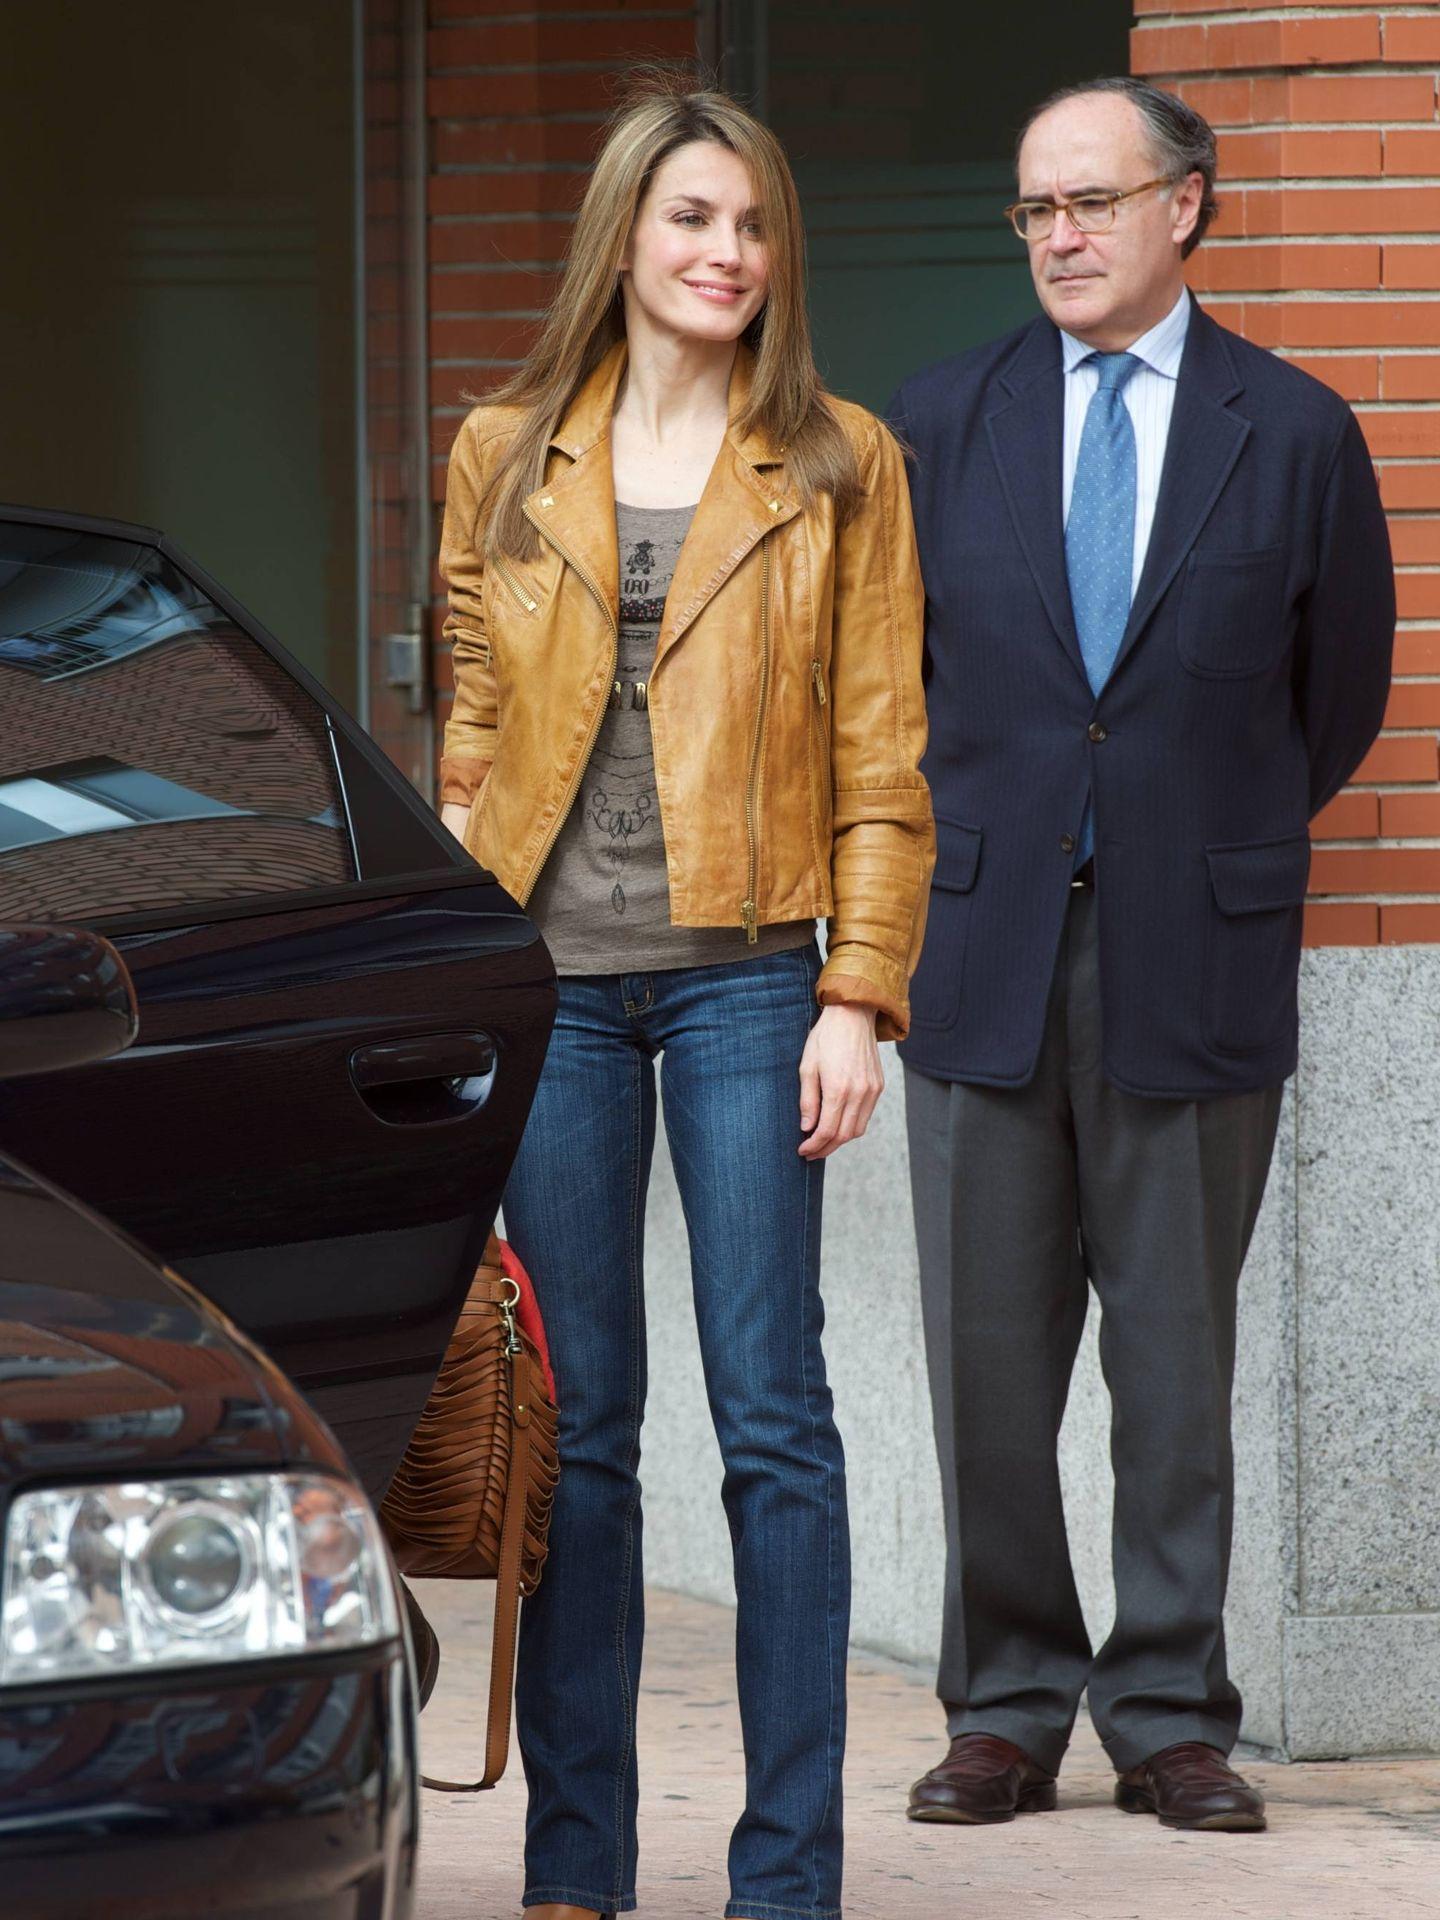 La reina Letizia visita al rey Juan Carlos en el hospital. (Getty)